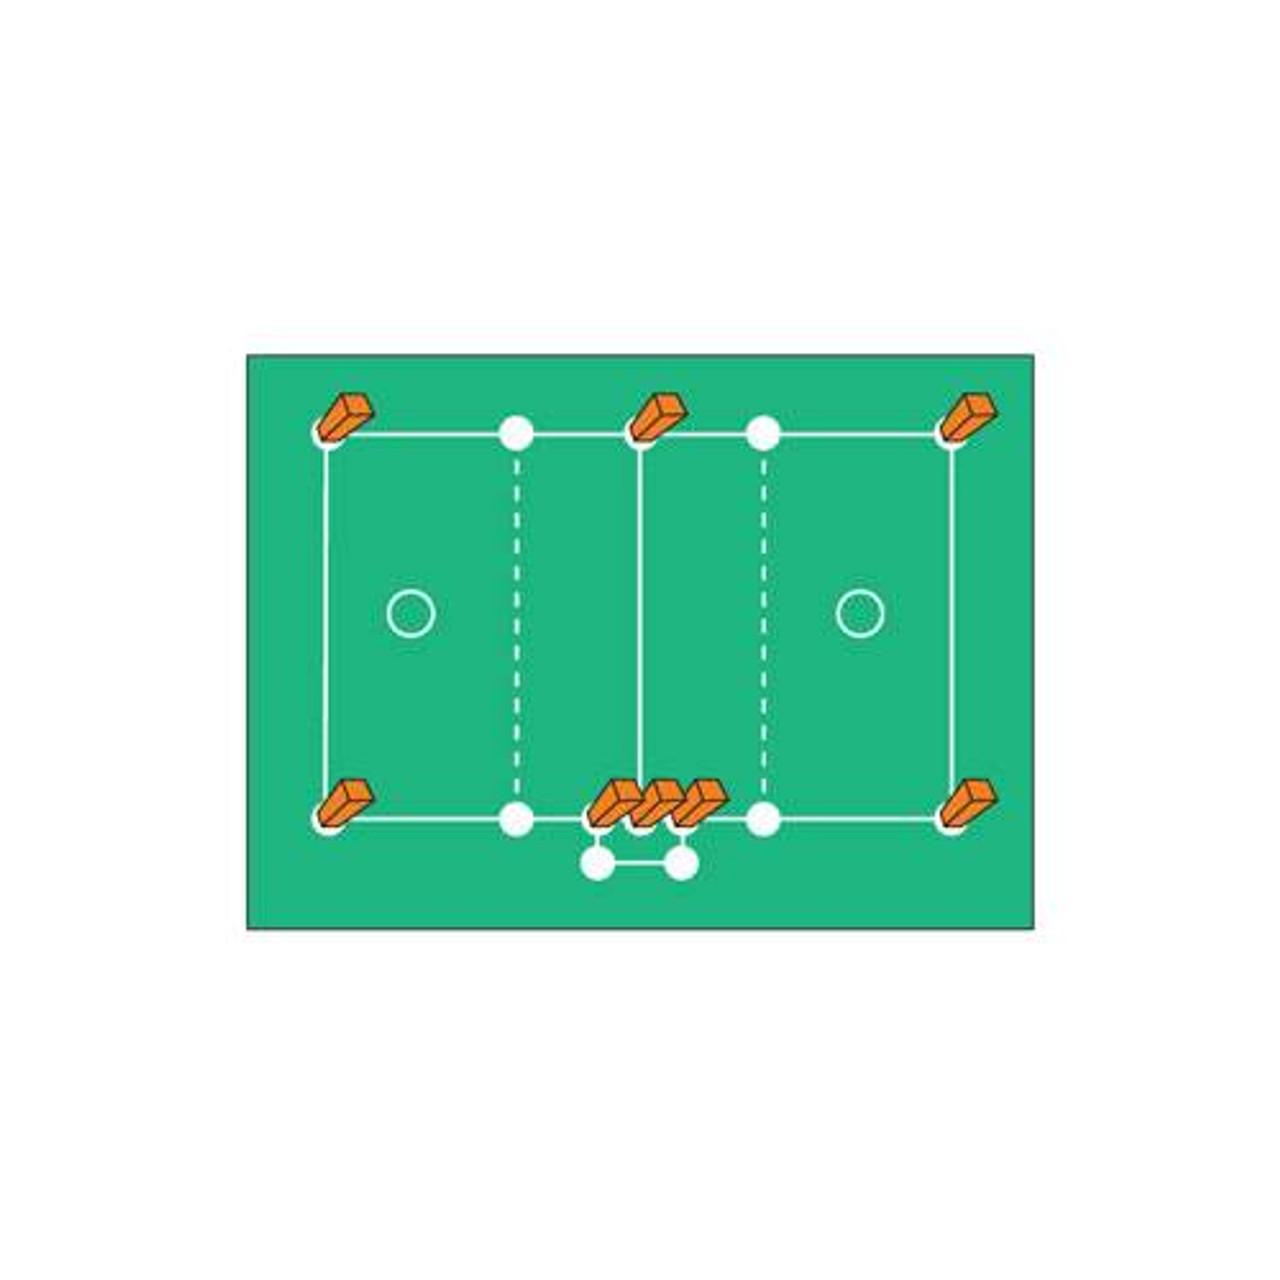 Lacrosse Field Marking Set